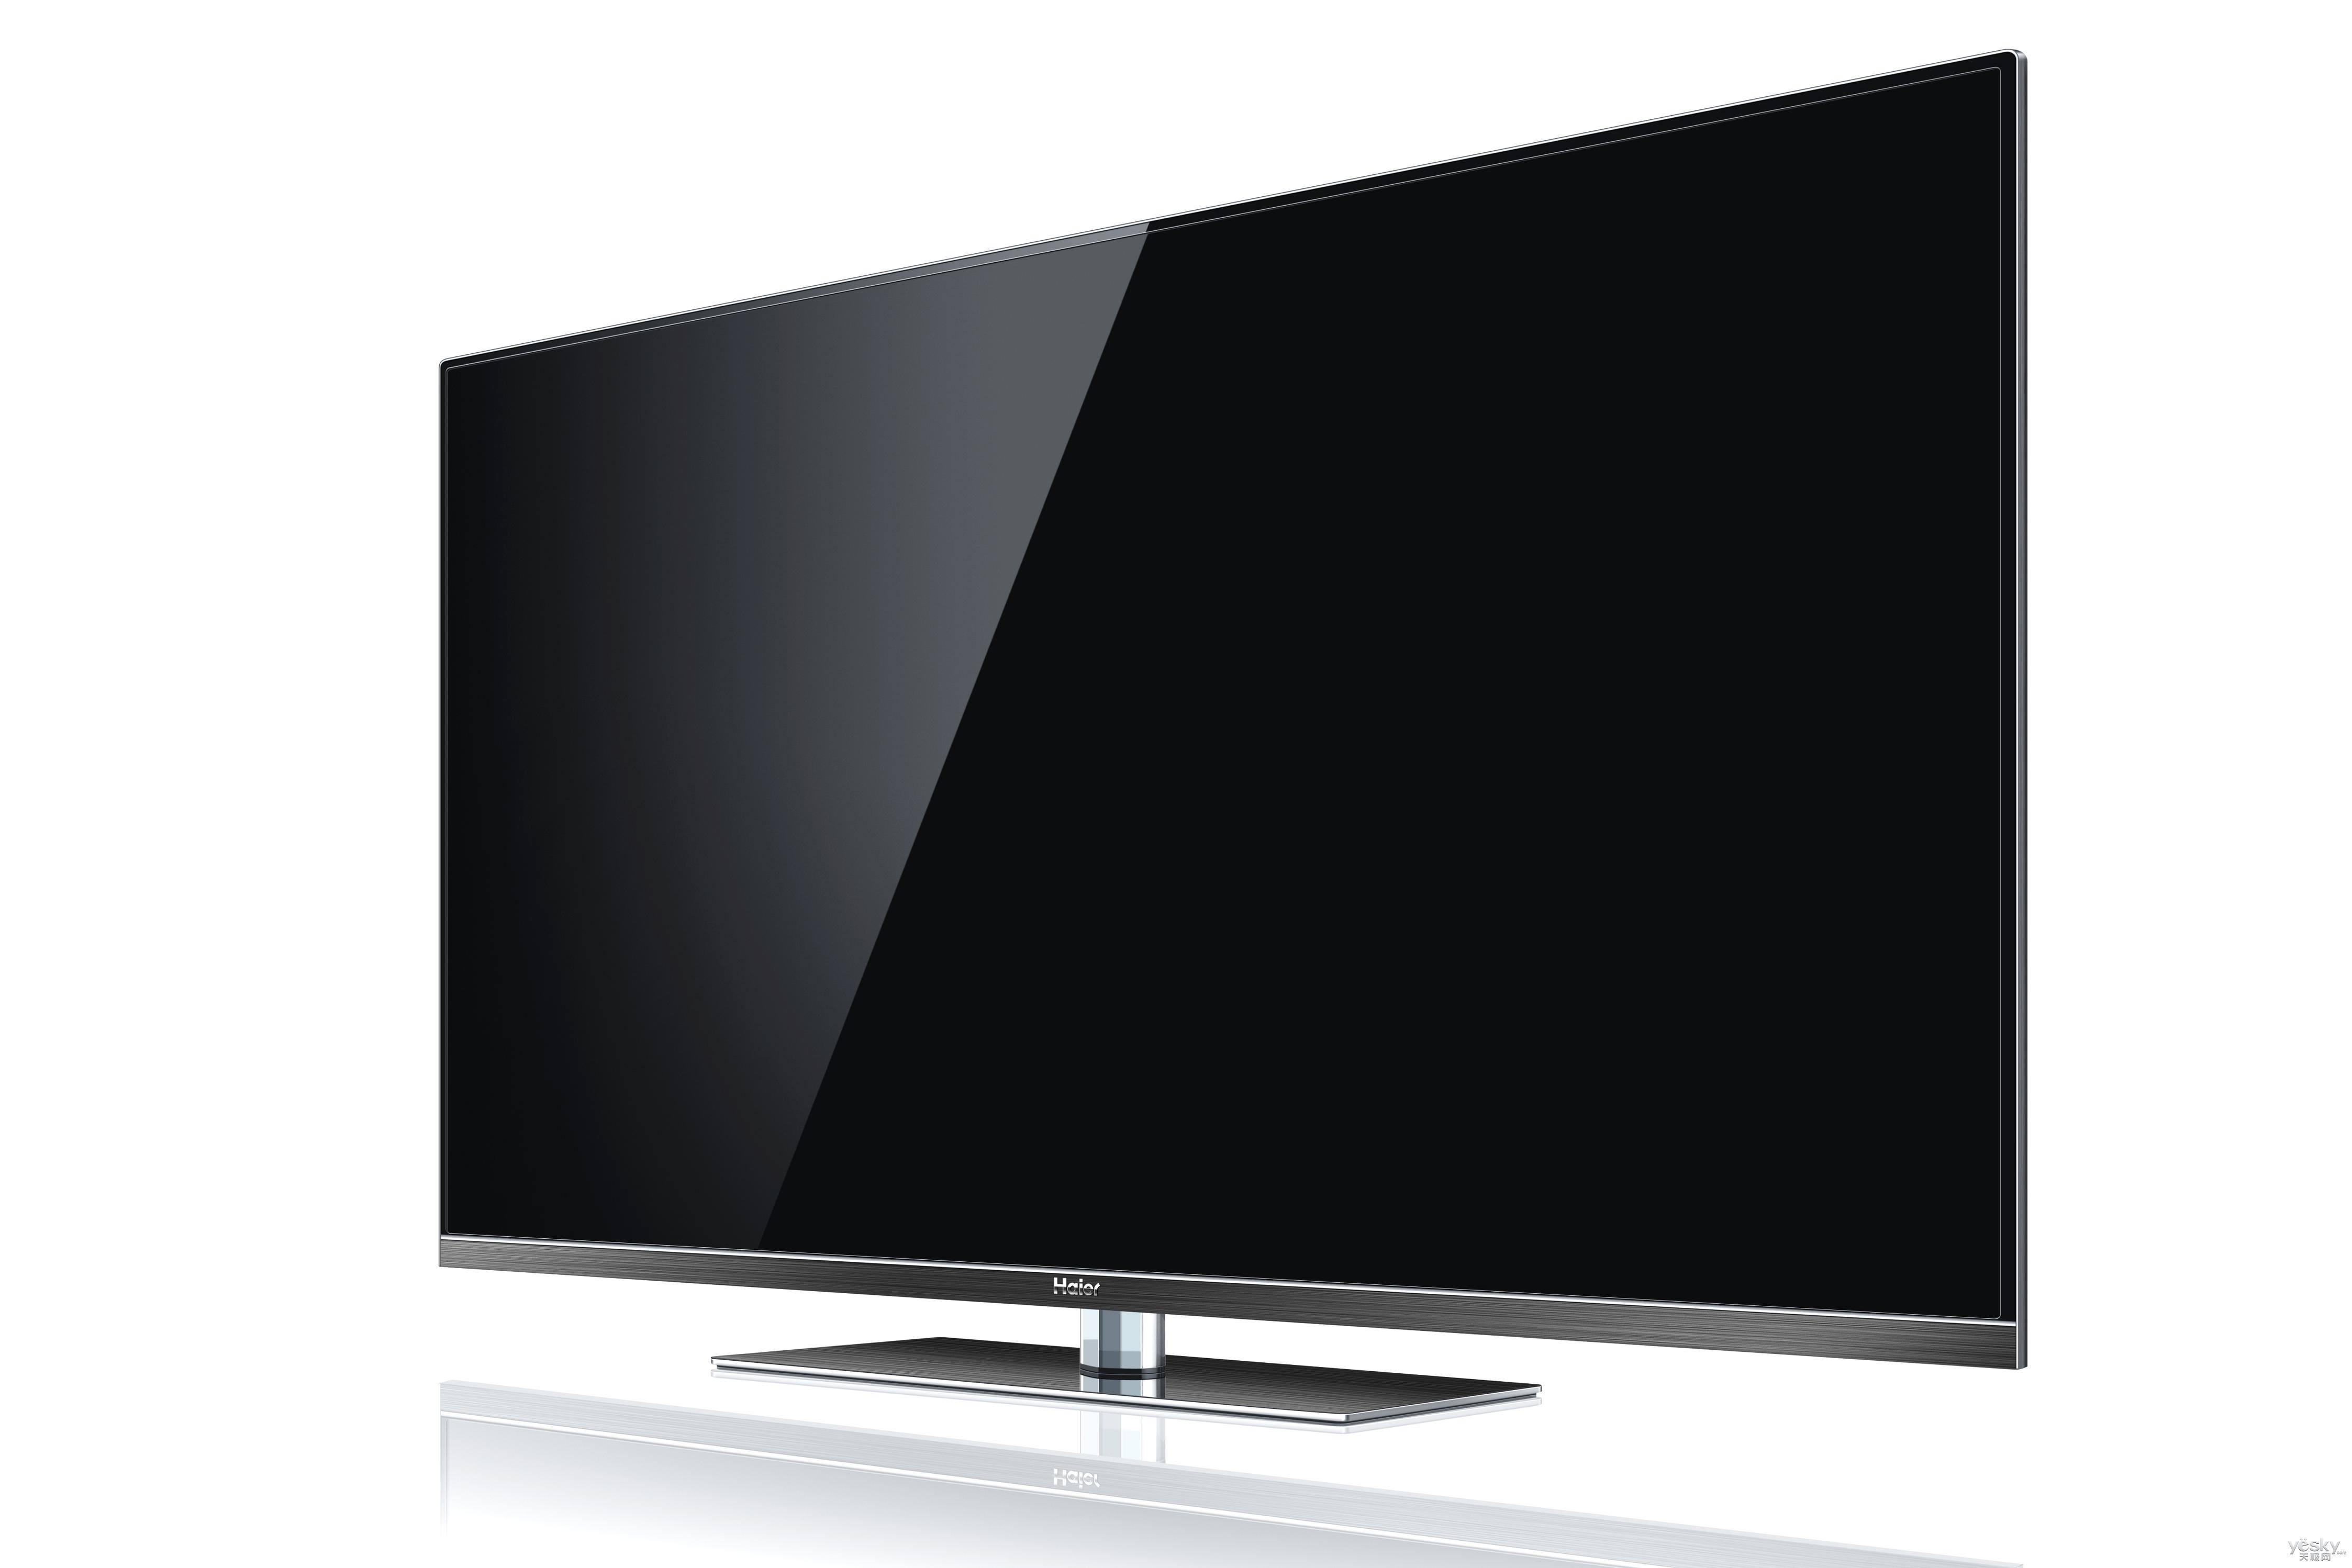 电视遥控锁住了怎么办?介绍几个品牌解锁方式